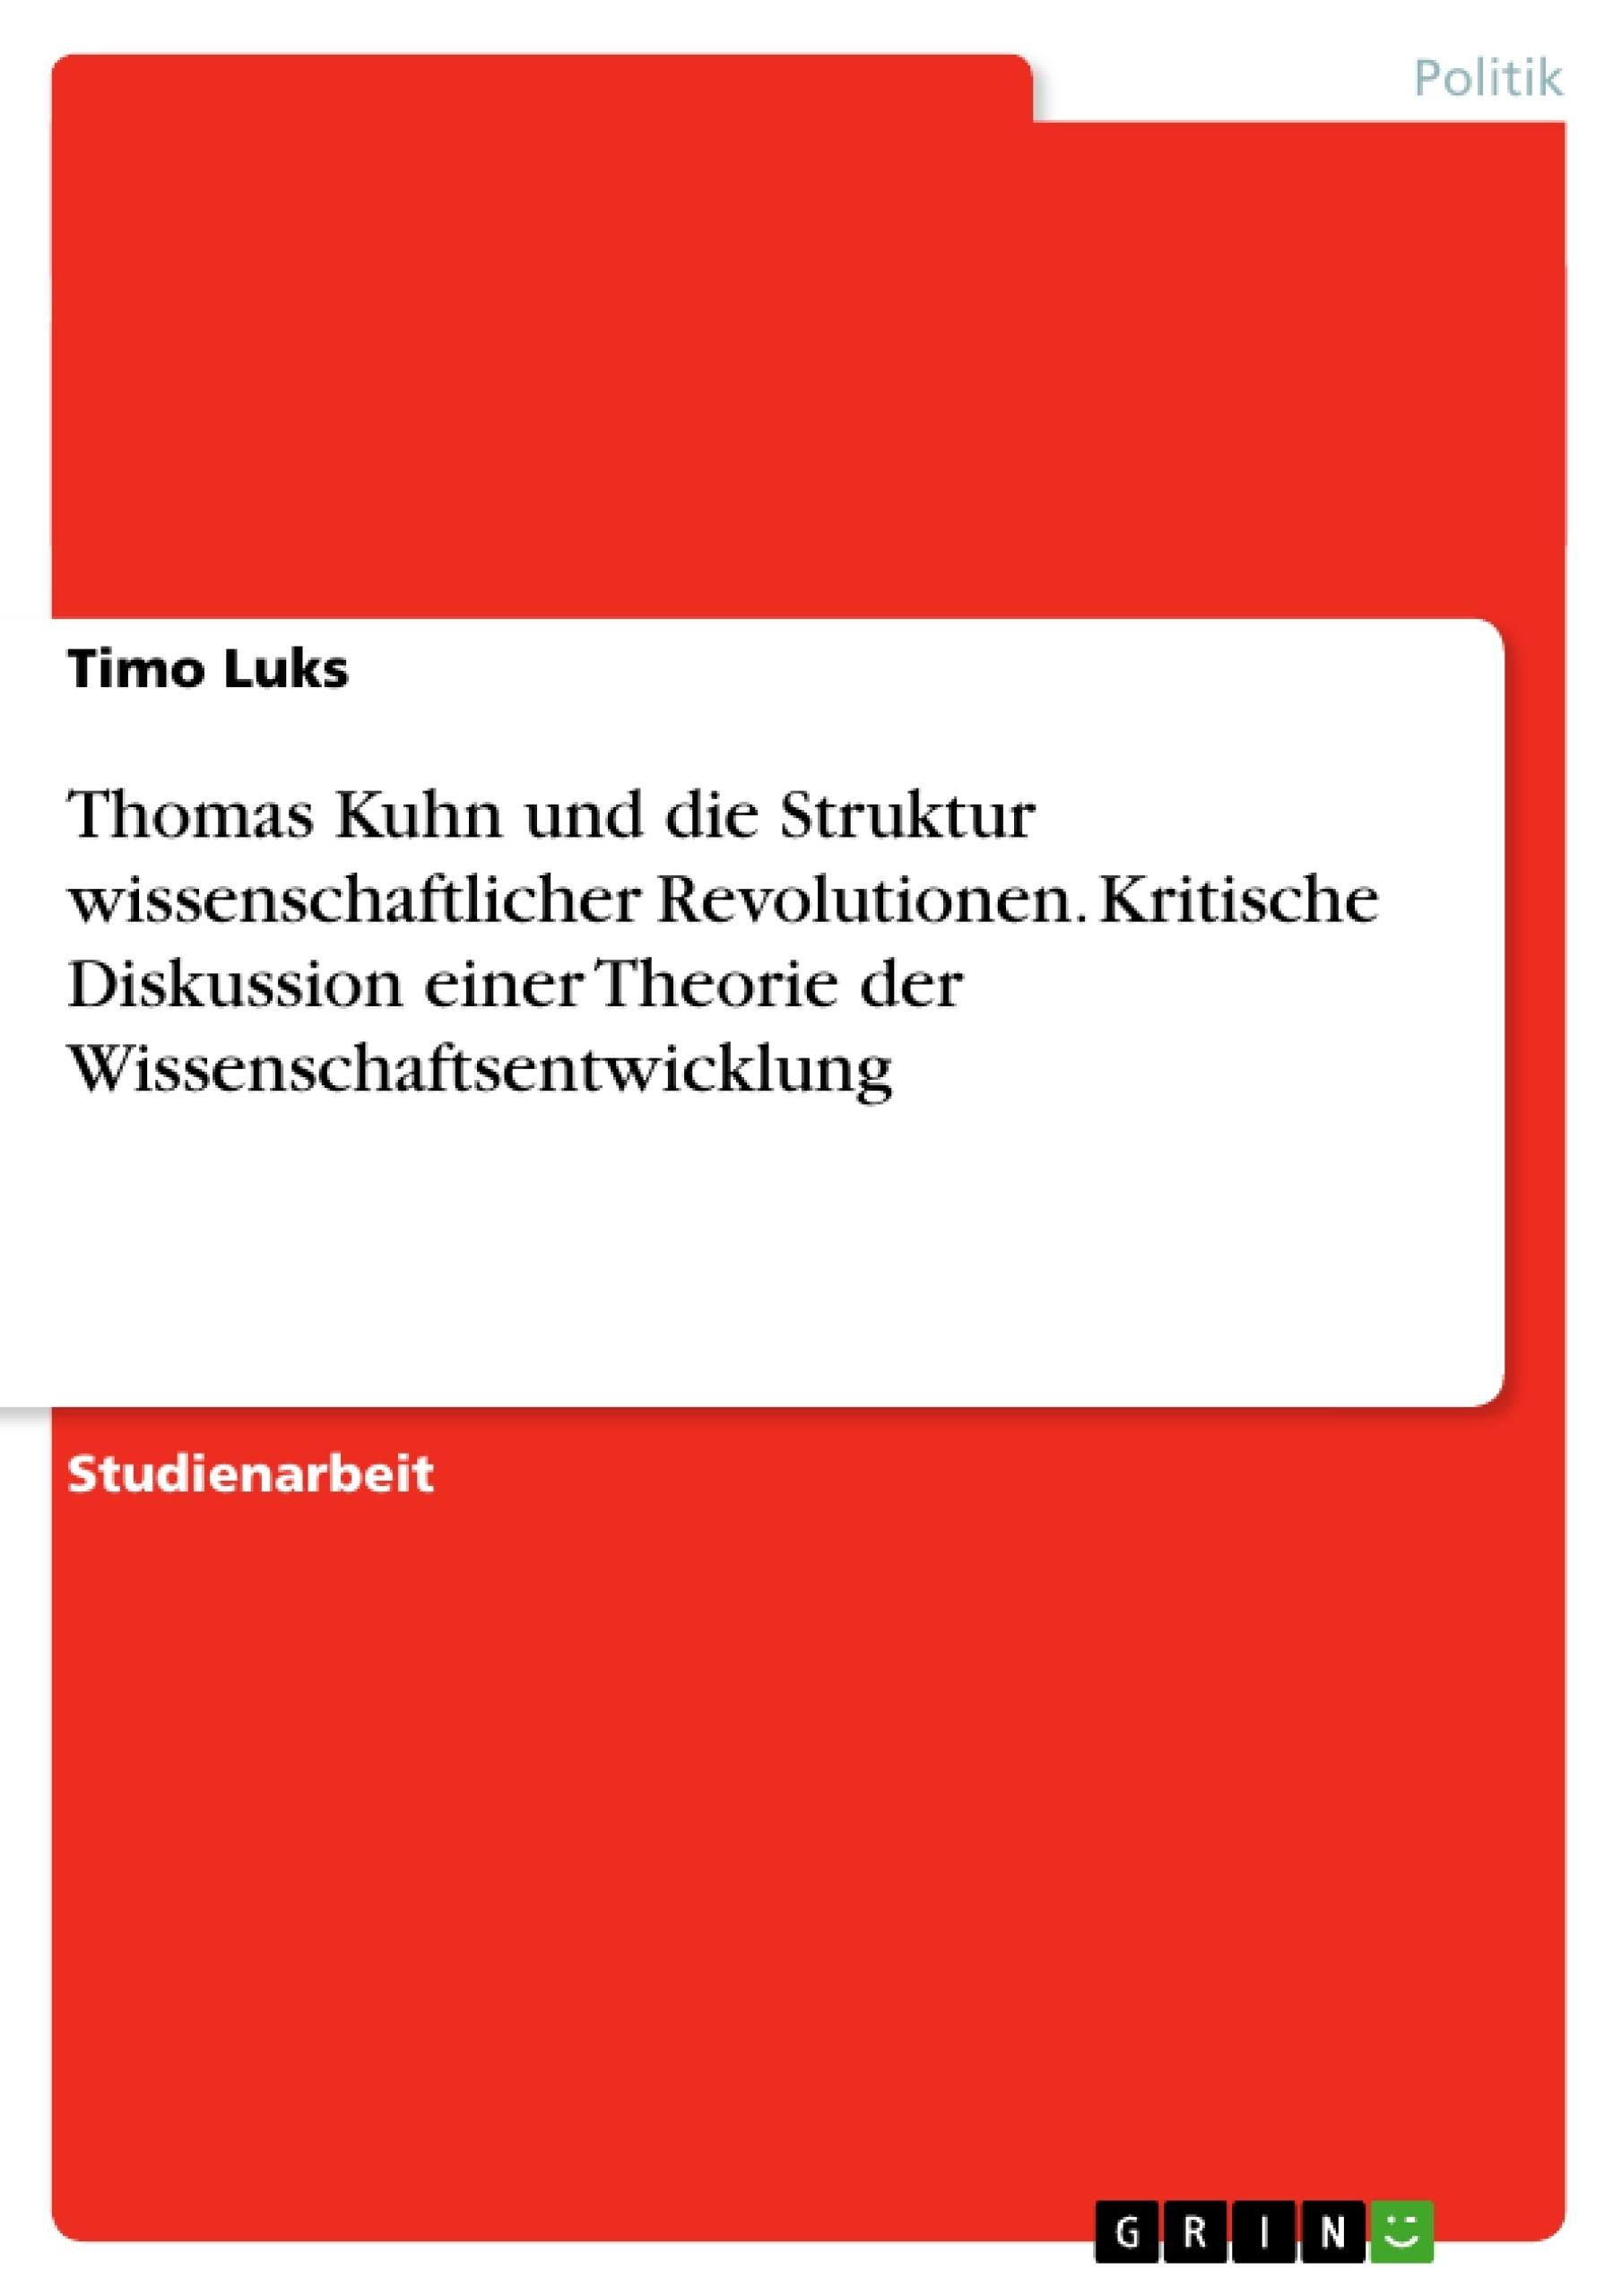 Titel: Thomas Kuhn und die Struktur wissenschaftlicher Revolutionen. Kritische Diskussion einer Theorie der Wissenschaftsentwicklung